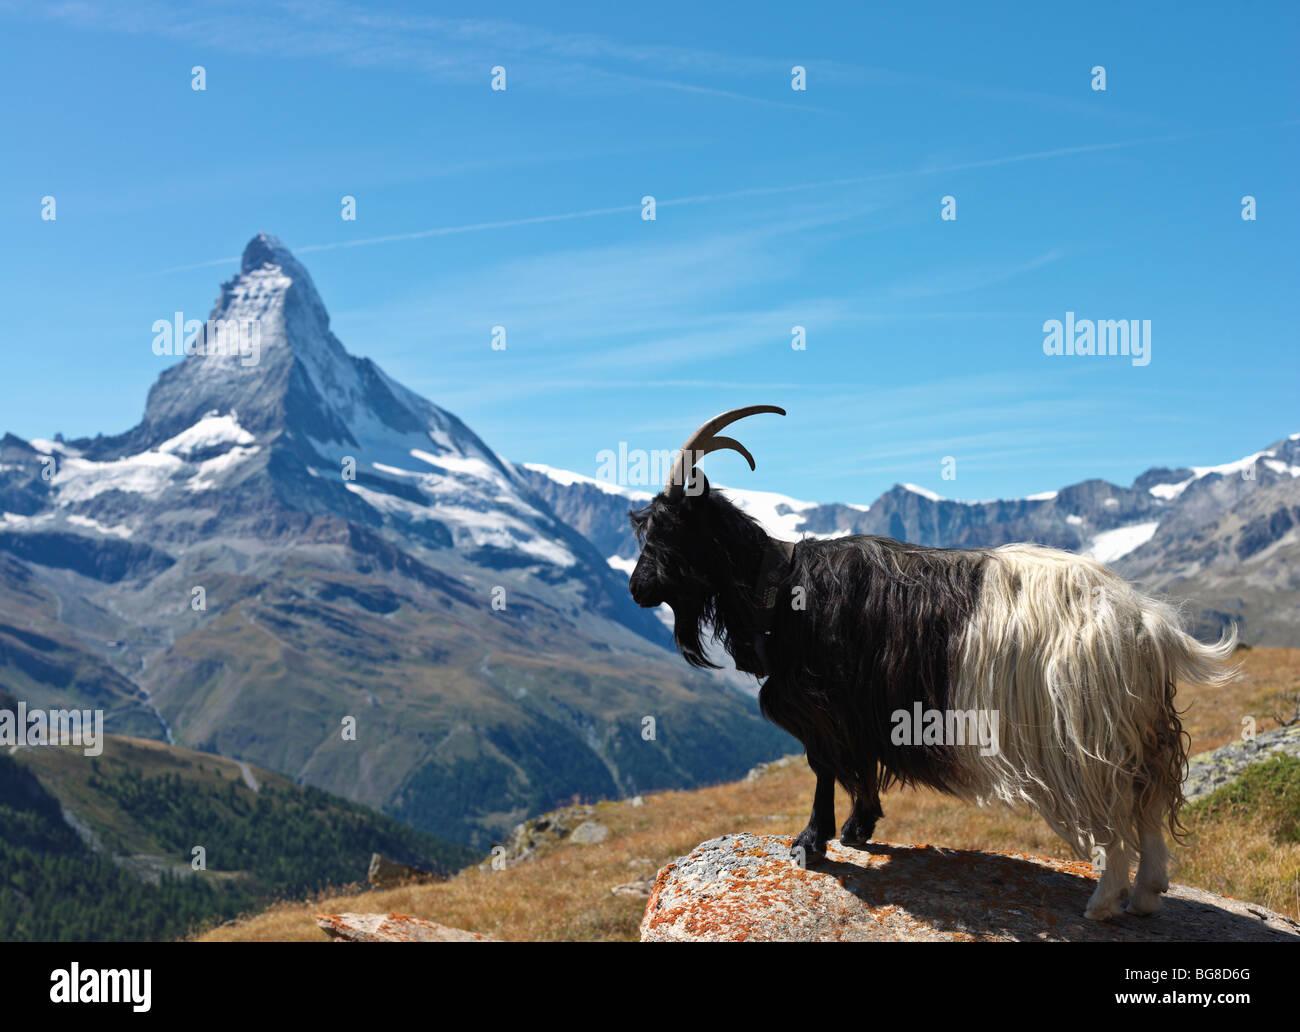 Schweiz, Wallis, Zermatt, Bergziege mit dem Matterhorn im Hintergrund Stockbild